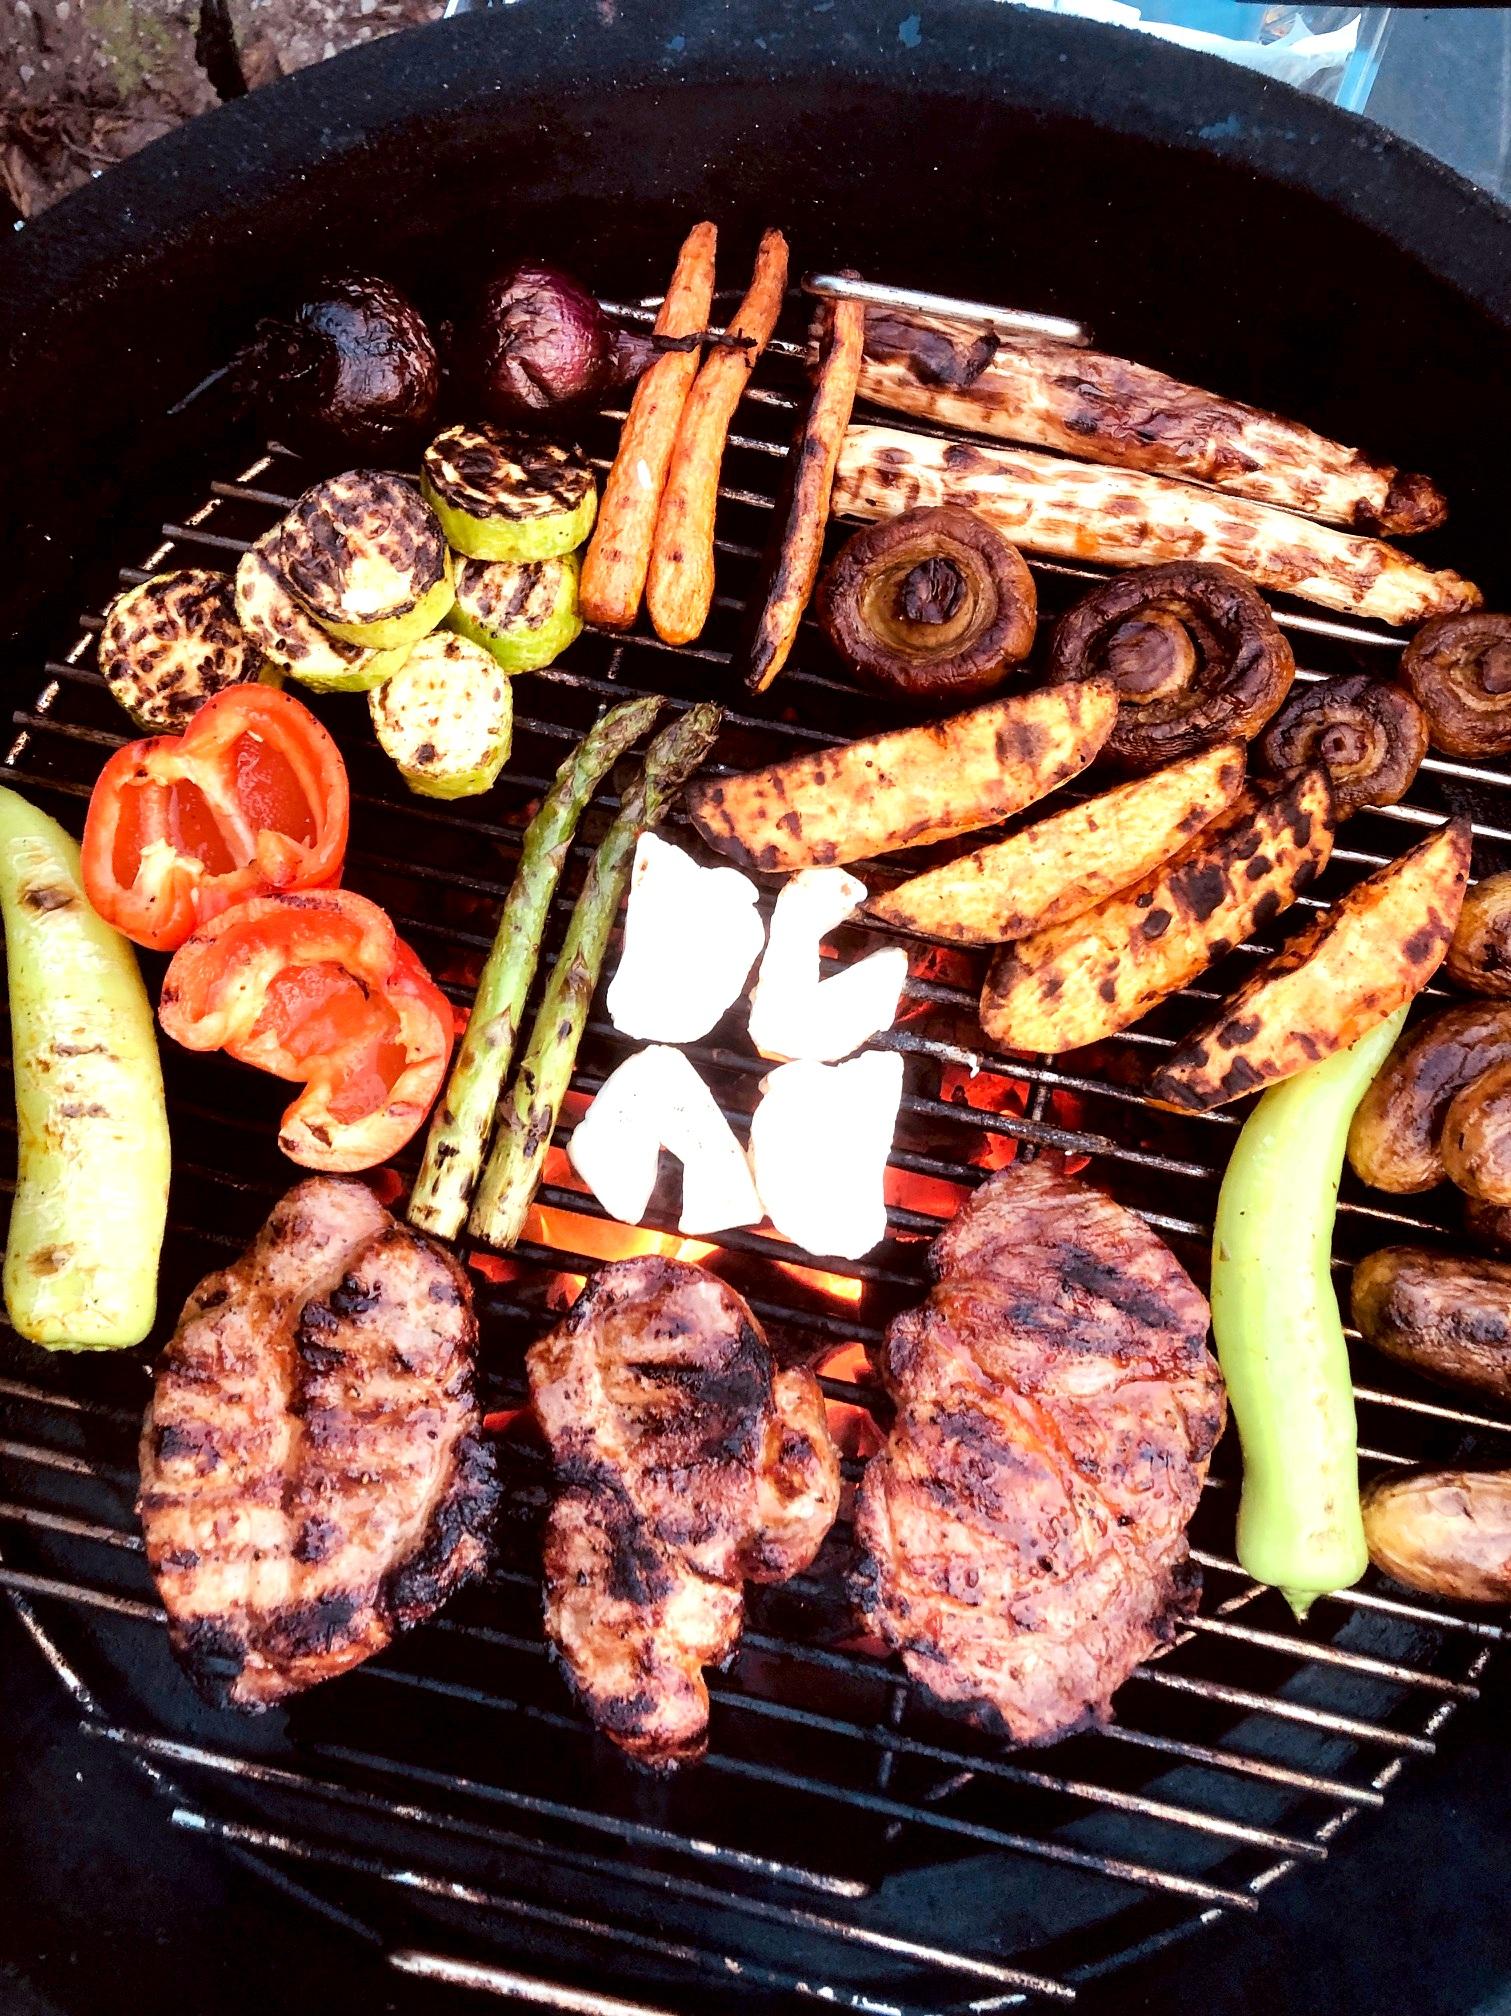 Grillad middag för två - pfefferoni, paprika, zucchini, rödlök, morot, vit sparris, champinjoner, sötpotatis, grön sparris, potatis, halloumi och fläskkarré